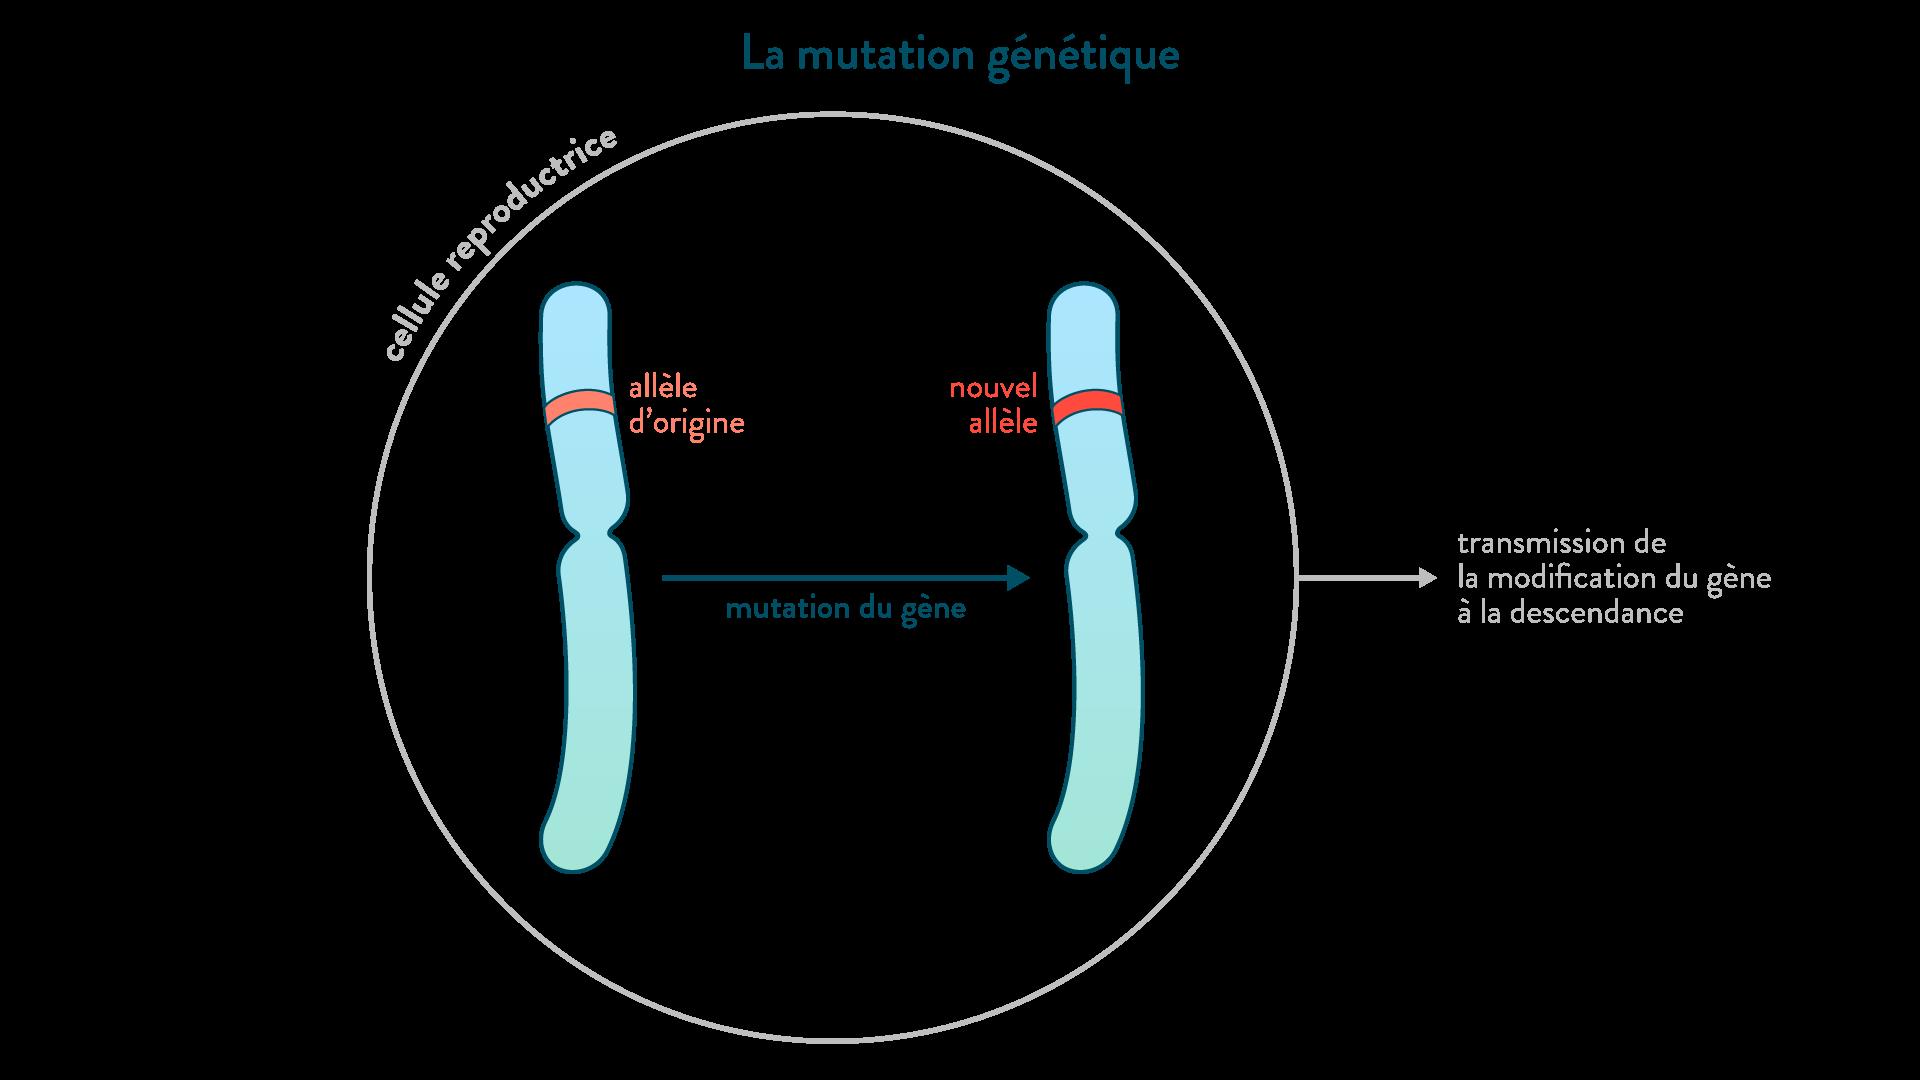 La mutation génétique